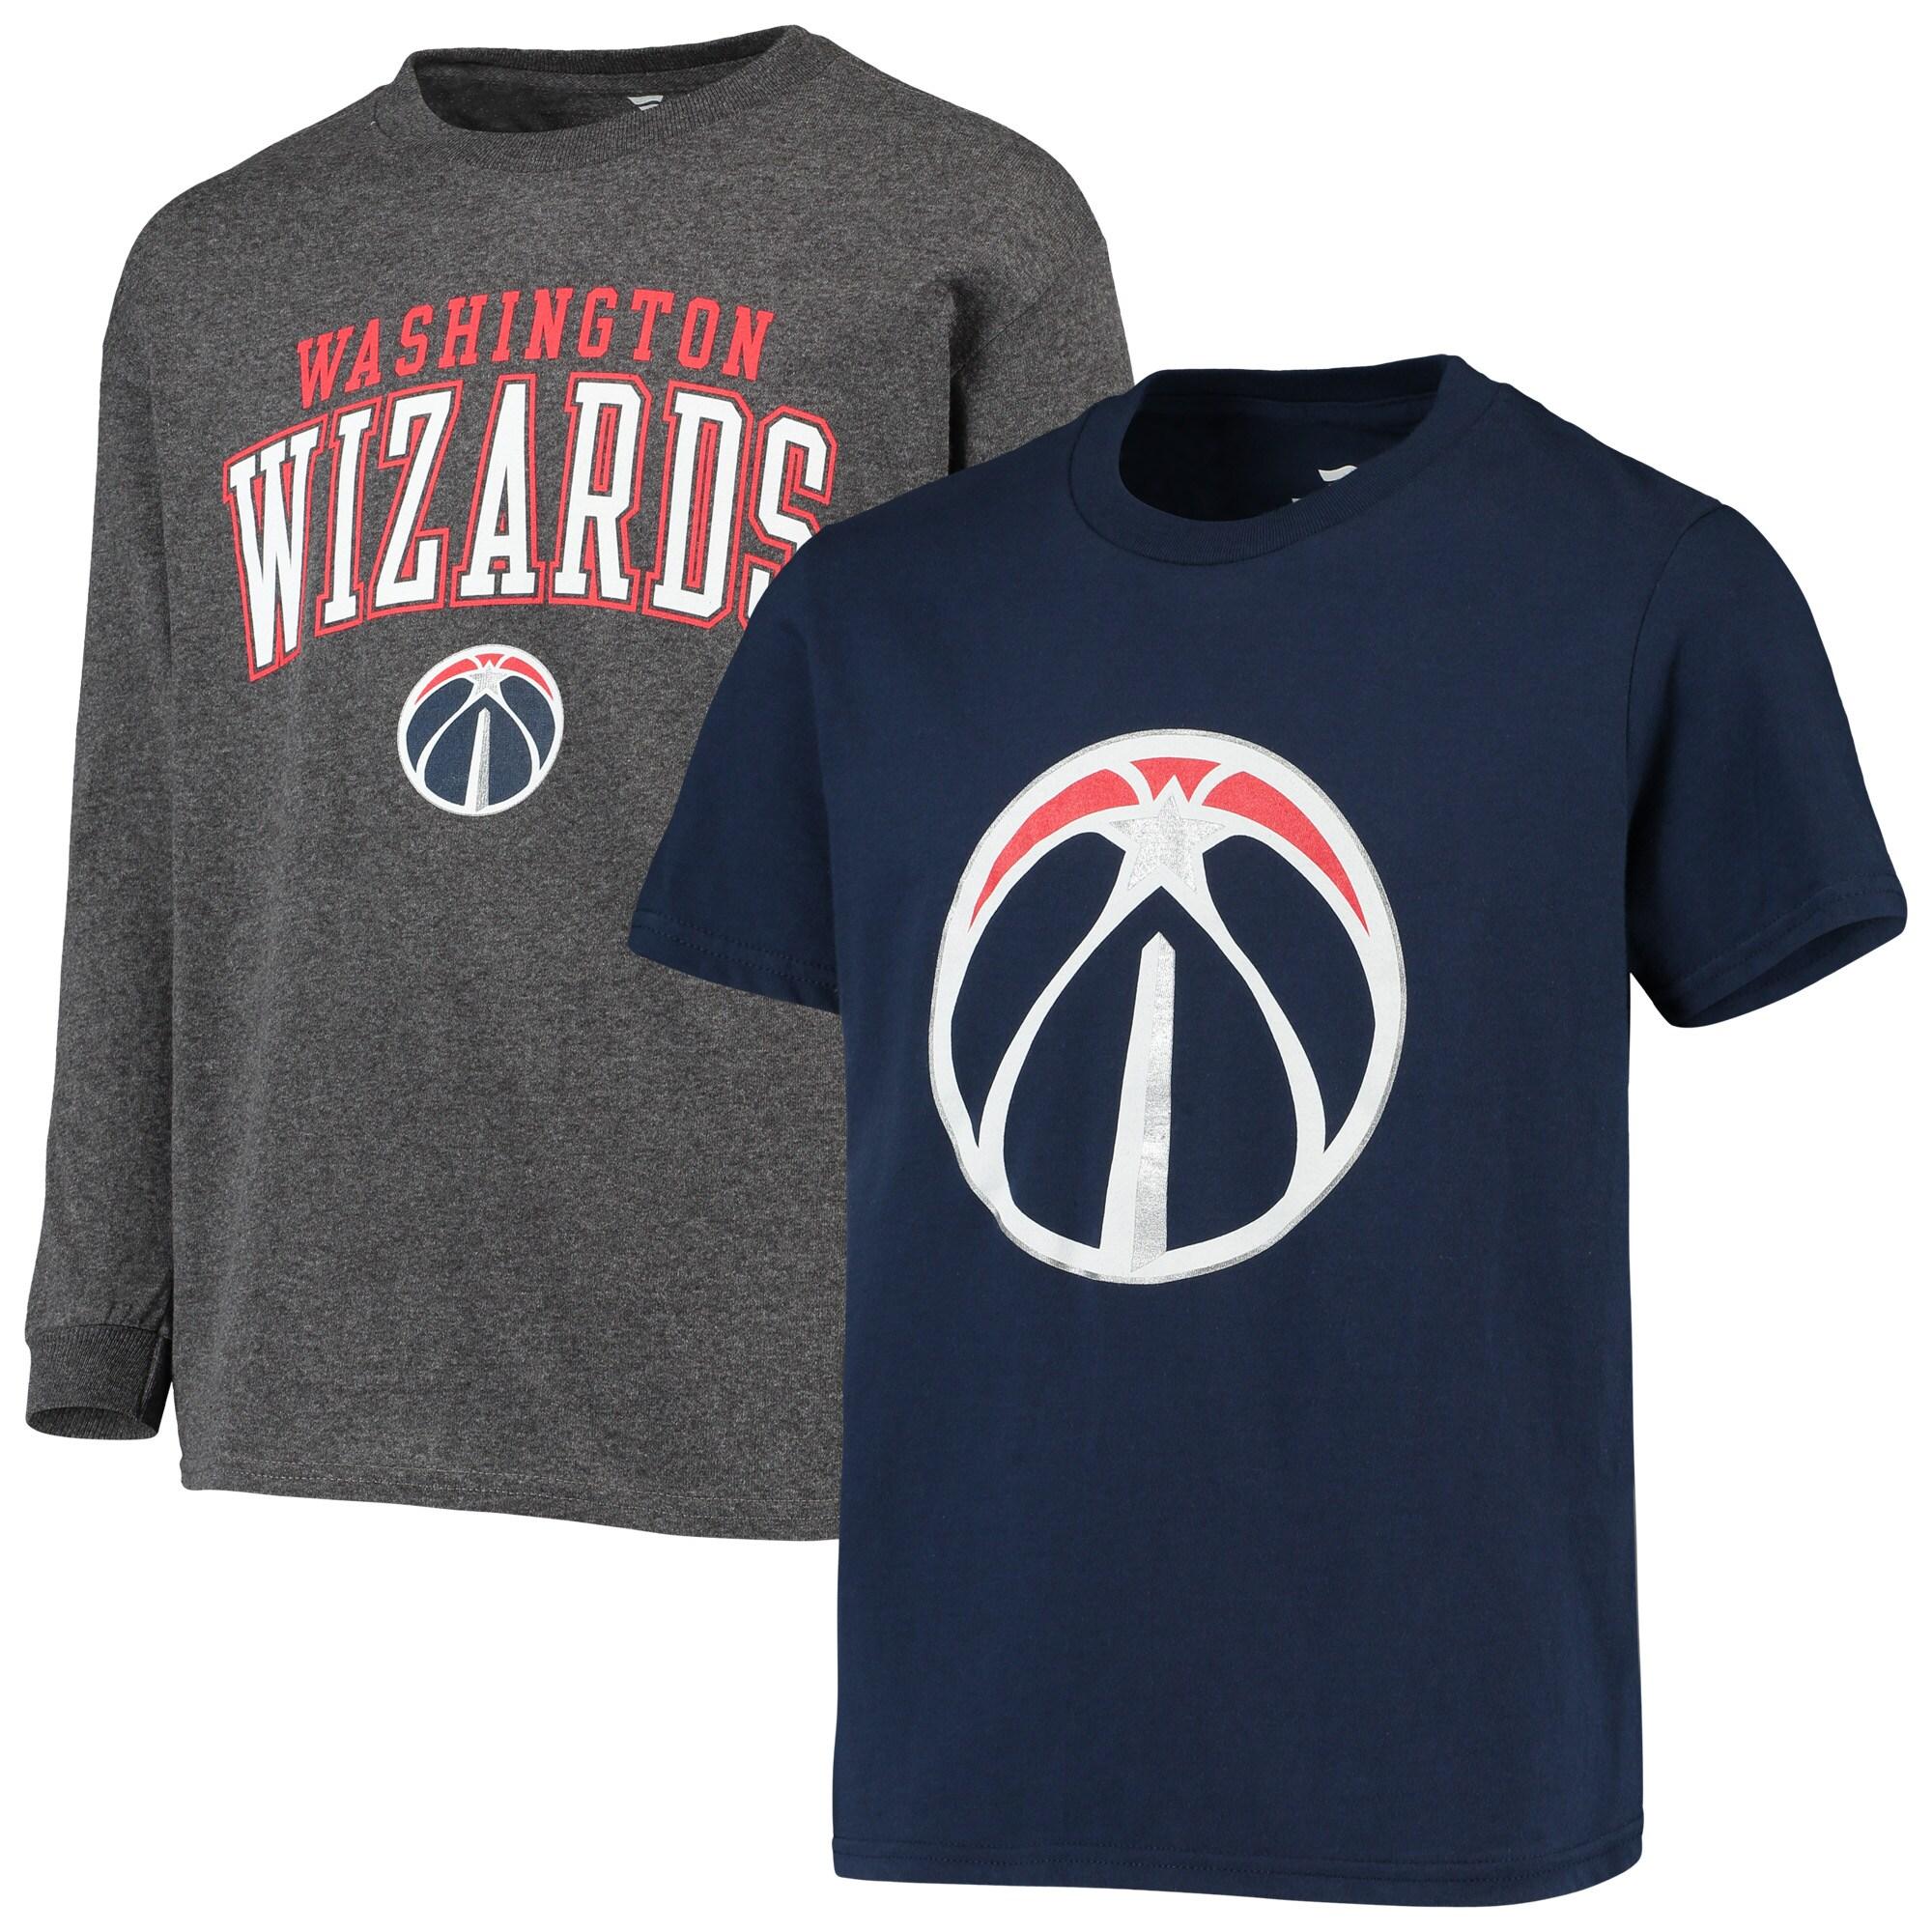 Washington Wizards Fanatics Branded Youth Square T-Shirt Combo Set - Navy/Gray